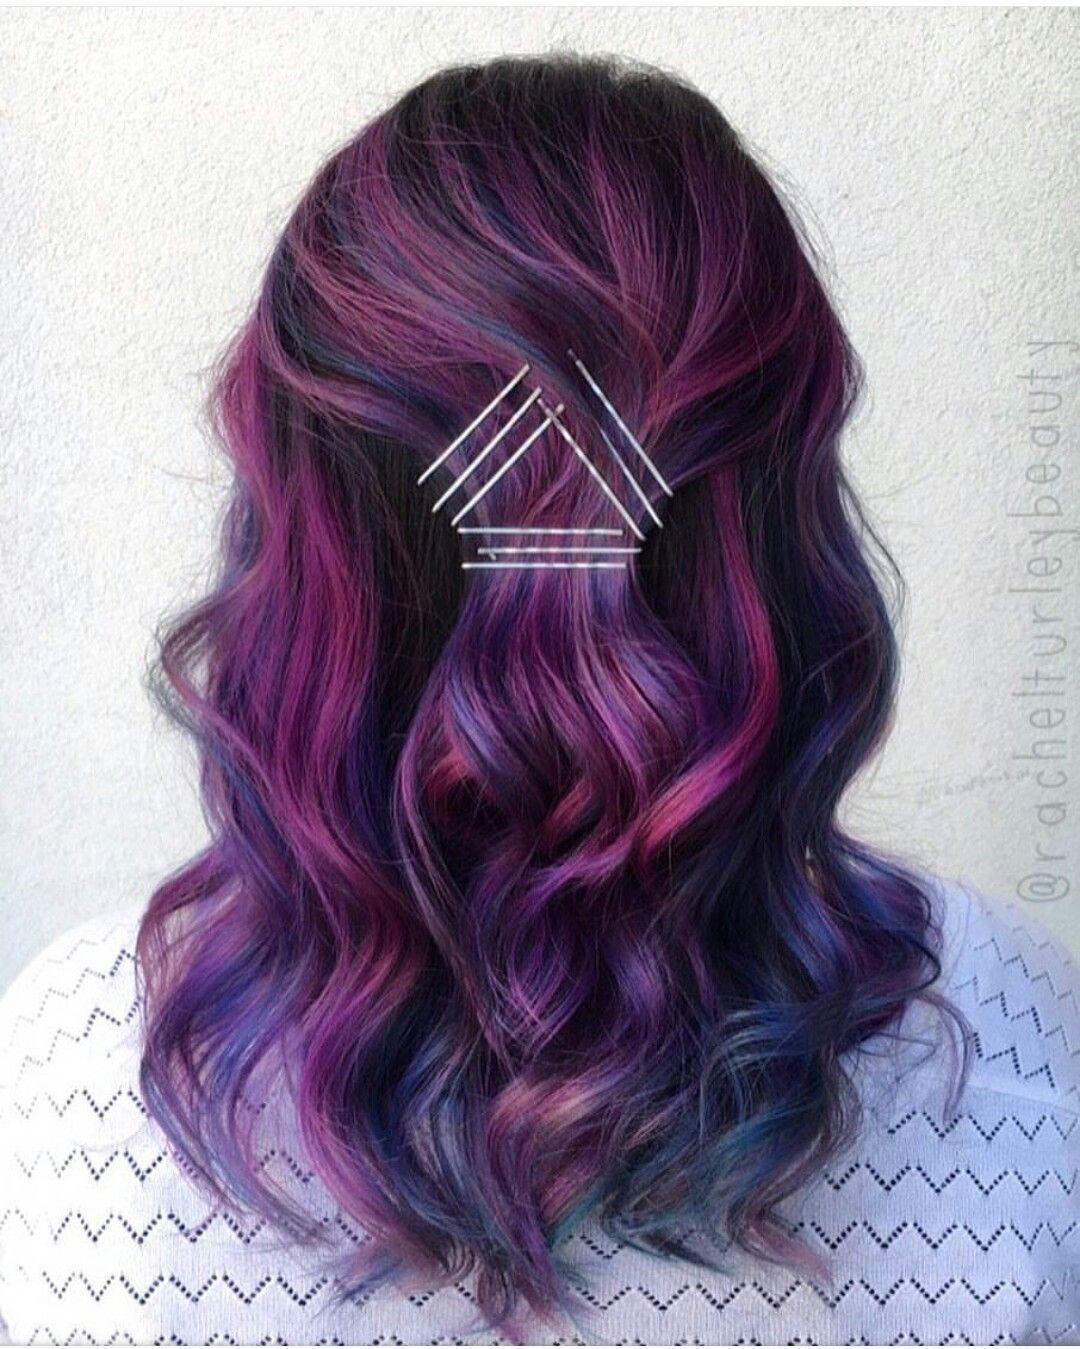 Purple hair #bright #hair